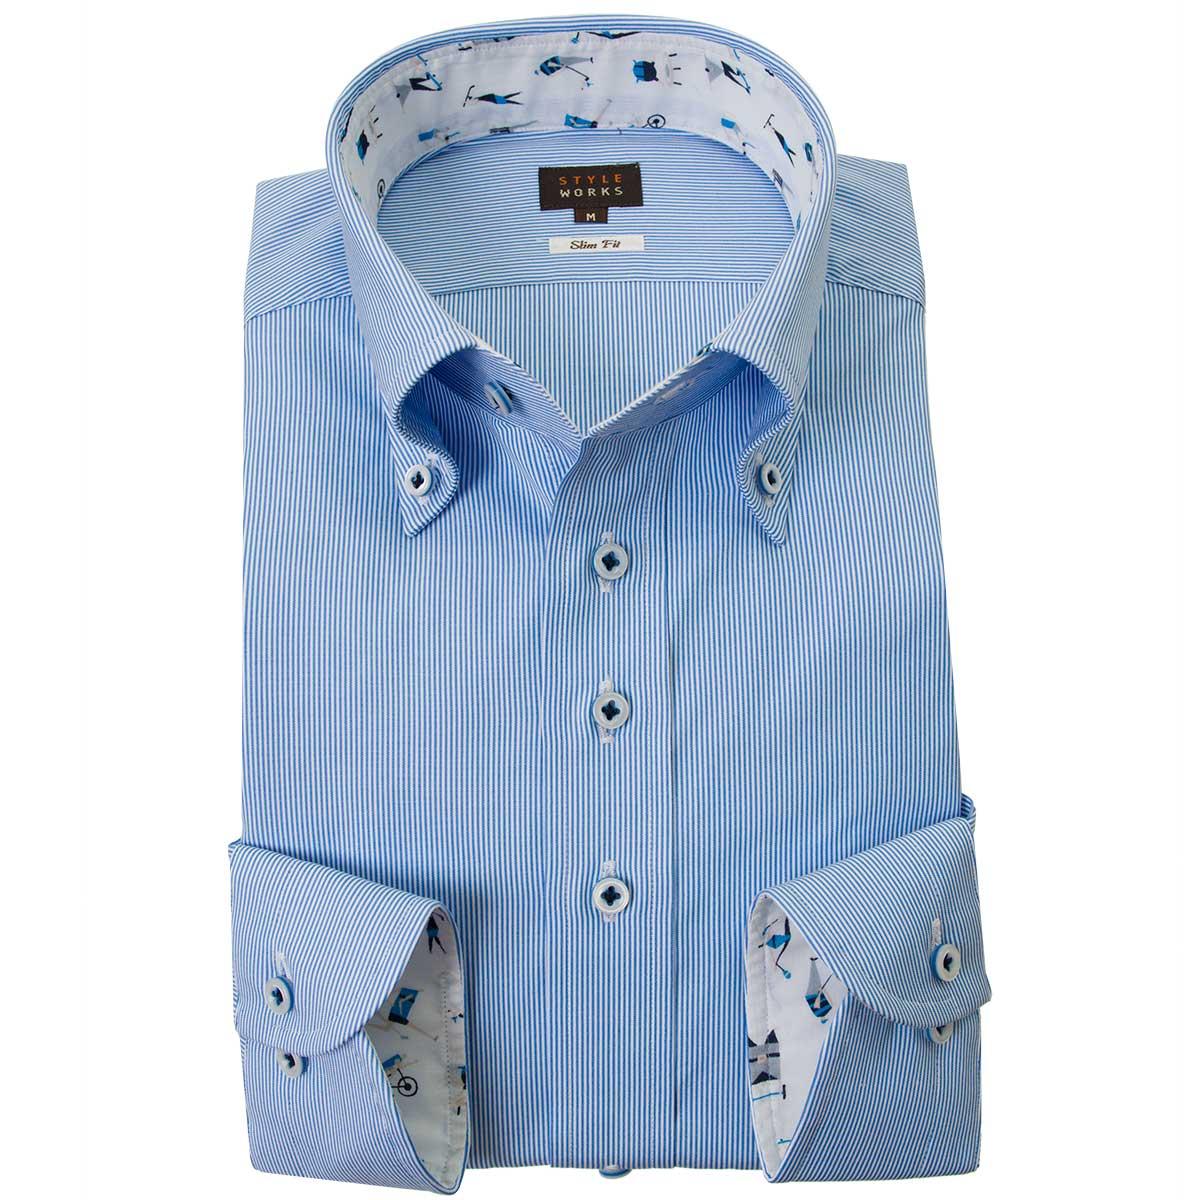 ドレスシャツ ワイシャツ シャツ メンズ 国産 長袖 綿100% スリムフィット ボタンダウン ブルーヘアラインストライプ 2001 【Sサイズ・裄丈81cm】